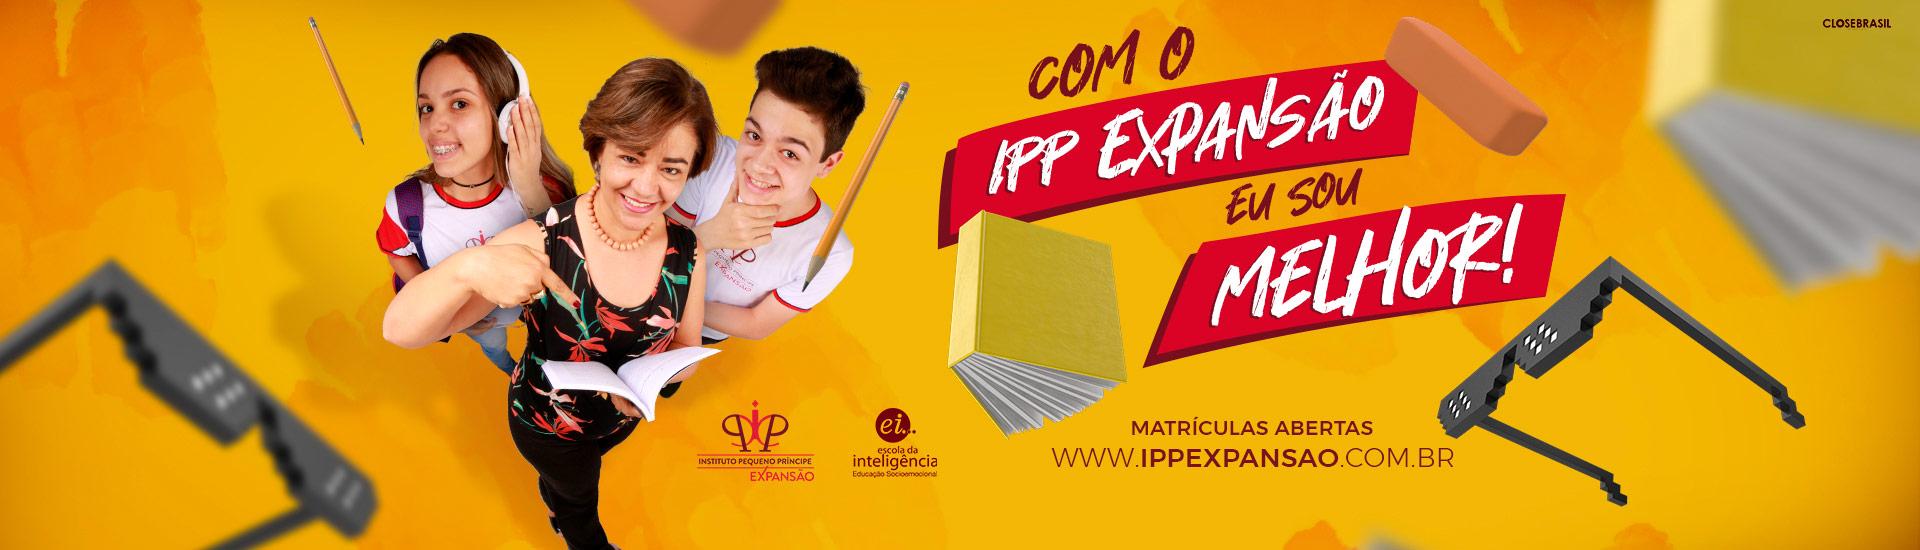 IPP Expansão Campanha Matriculas